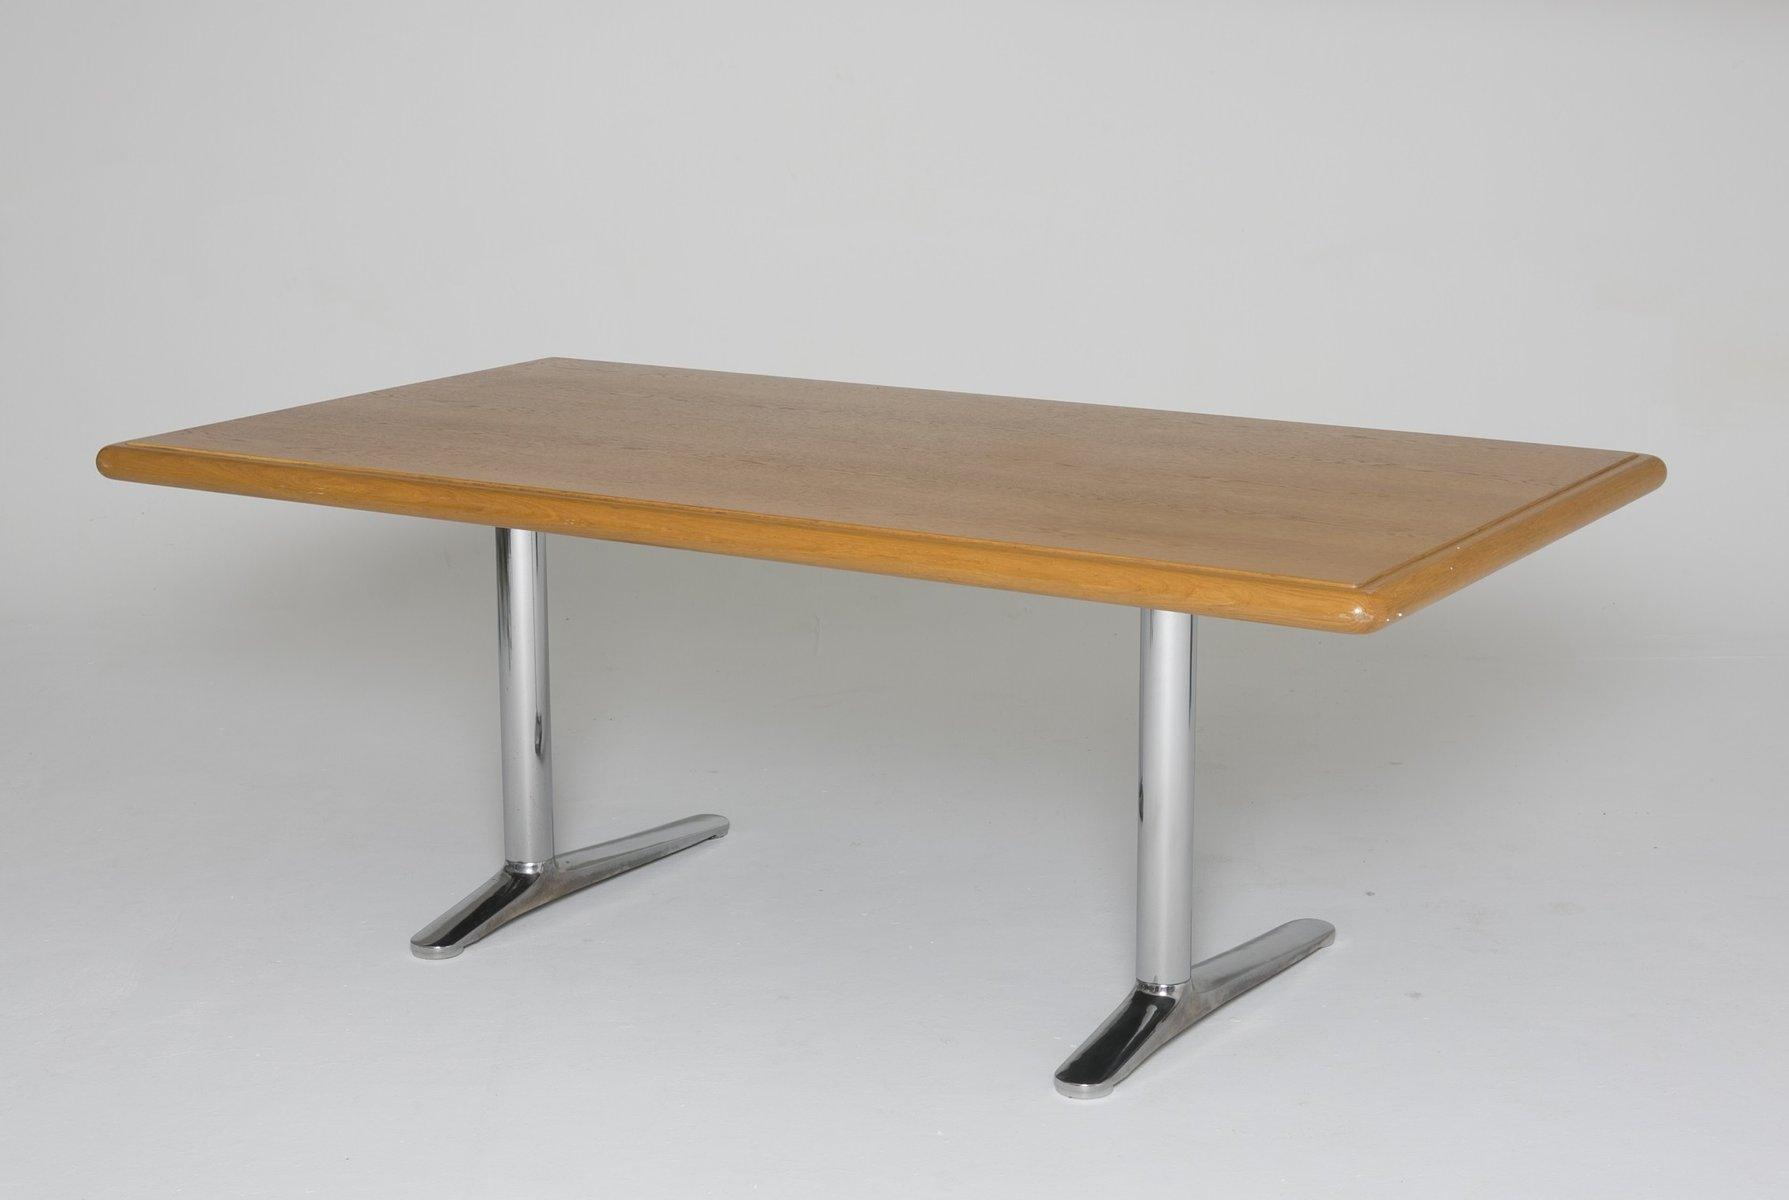 warren platner furniture. vintage desk by warren platner for knoll furniture